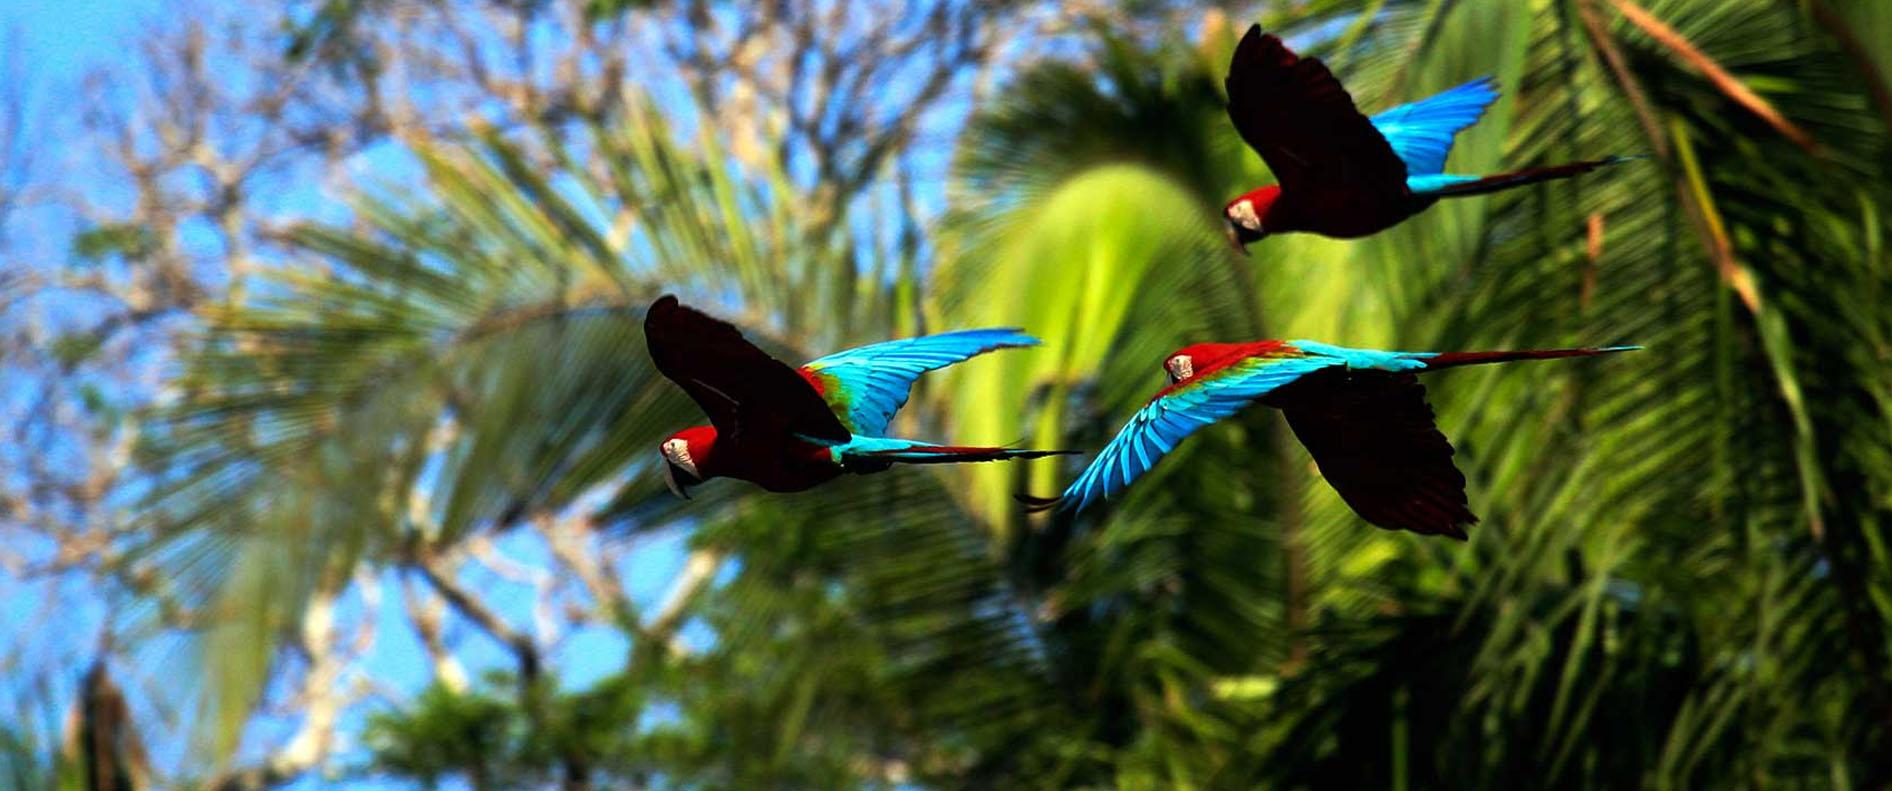 Loros volando por la selva en el parque nacional del manu